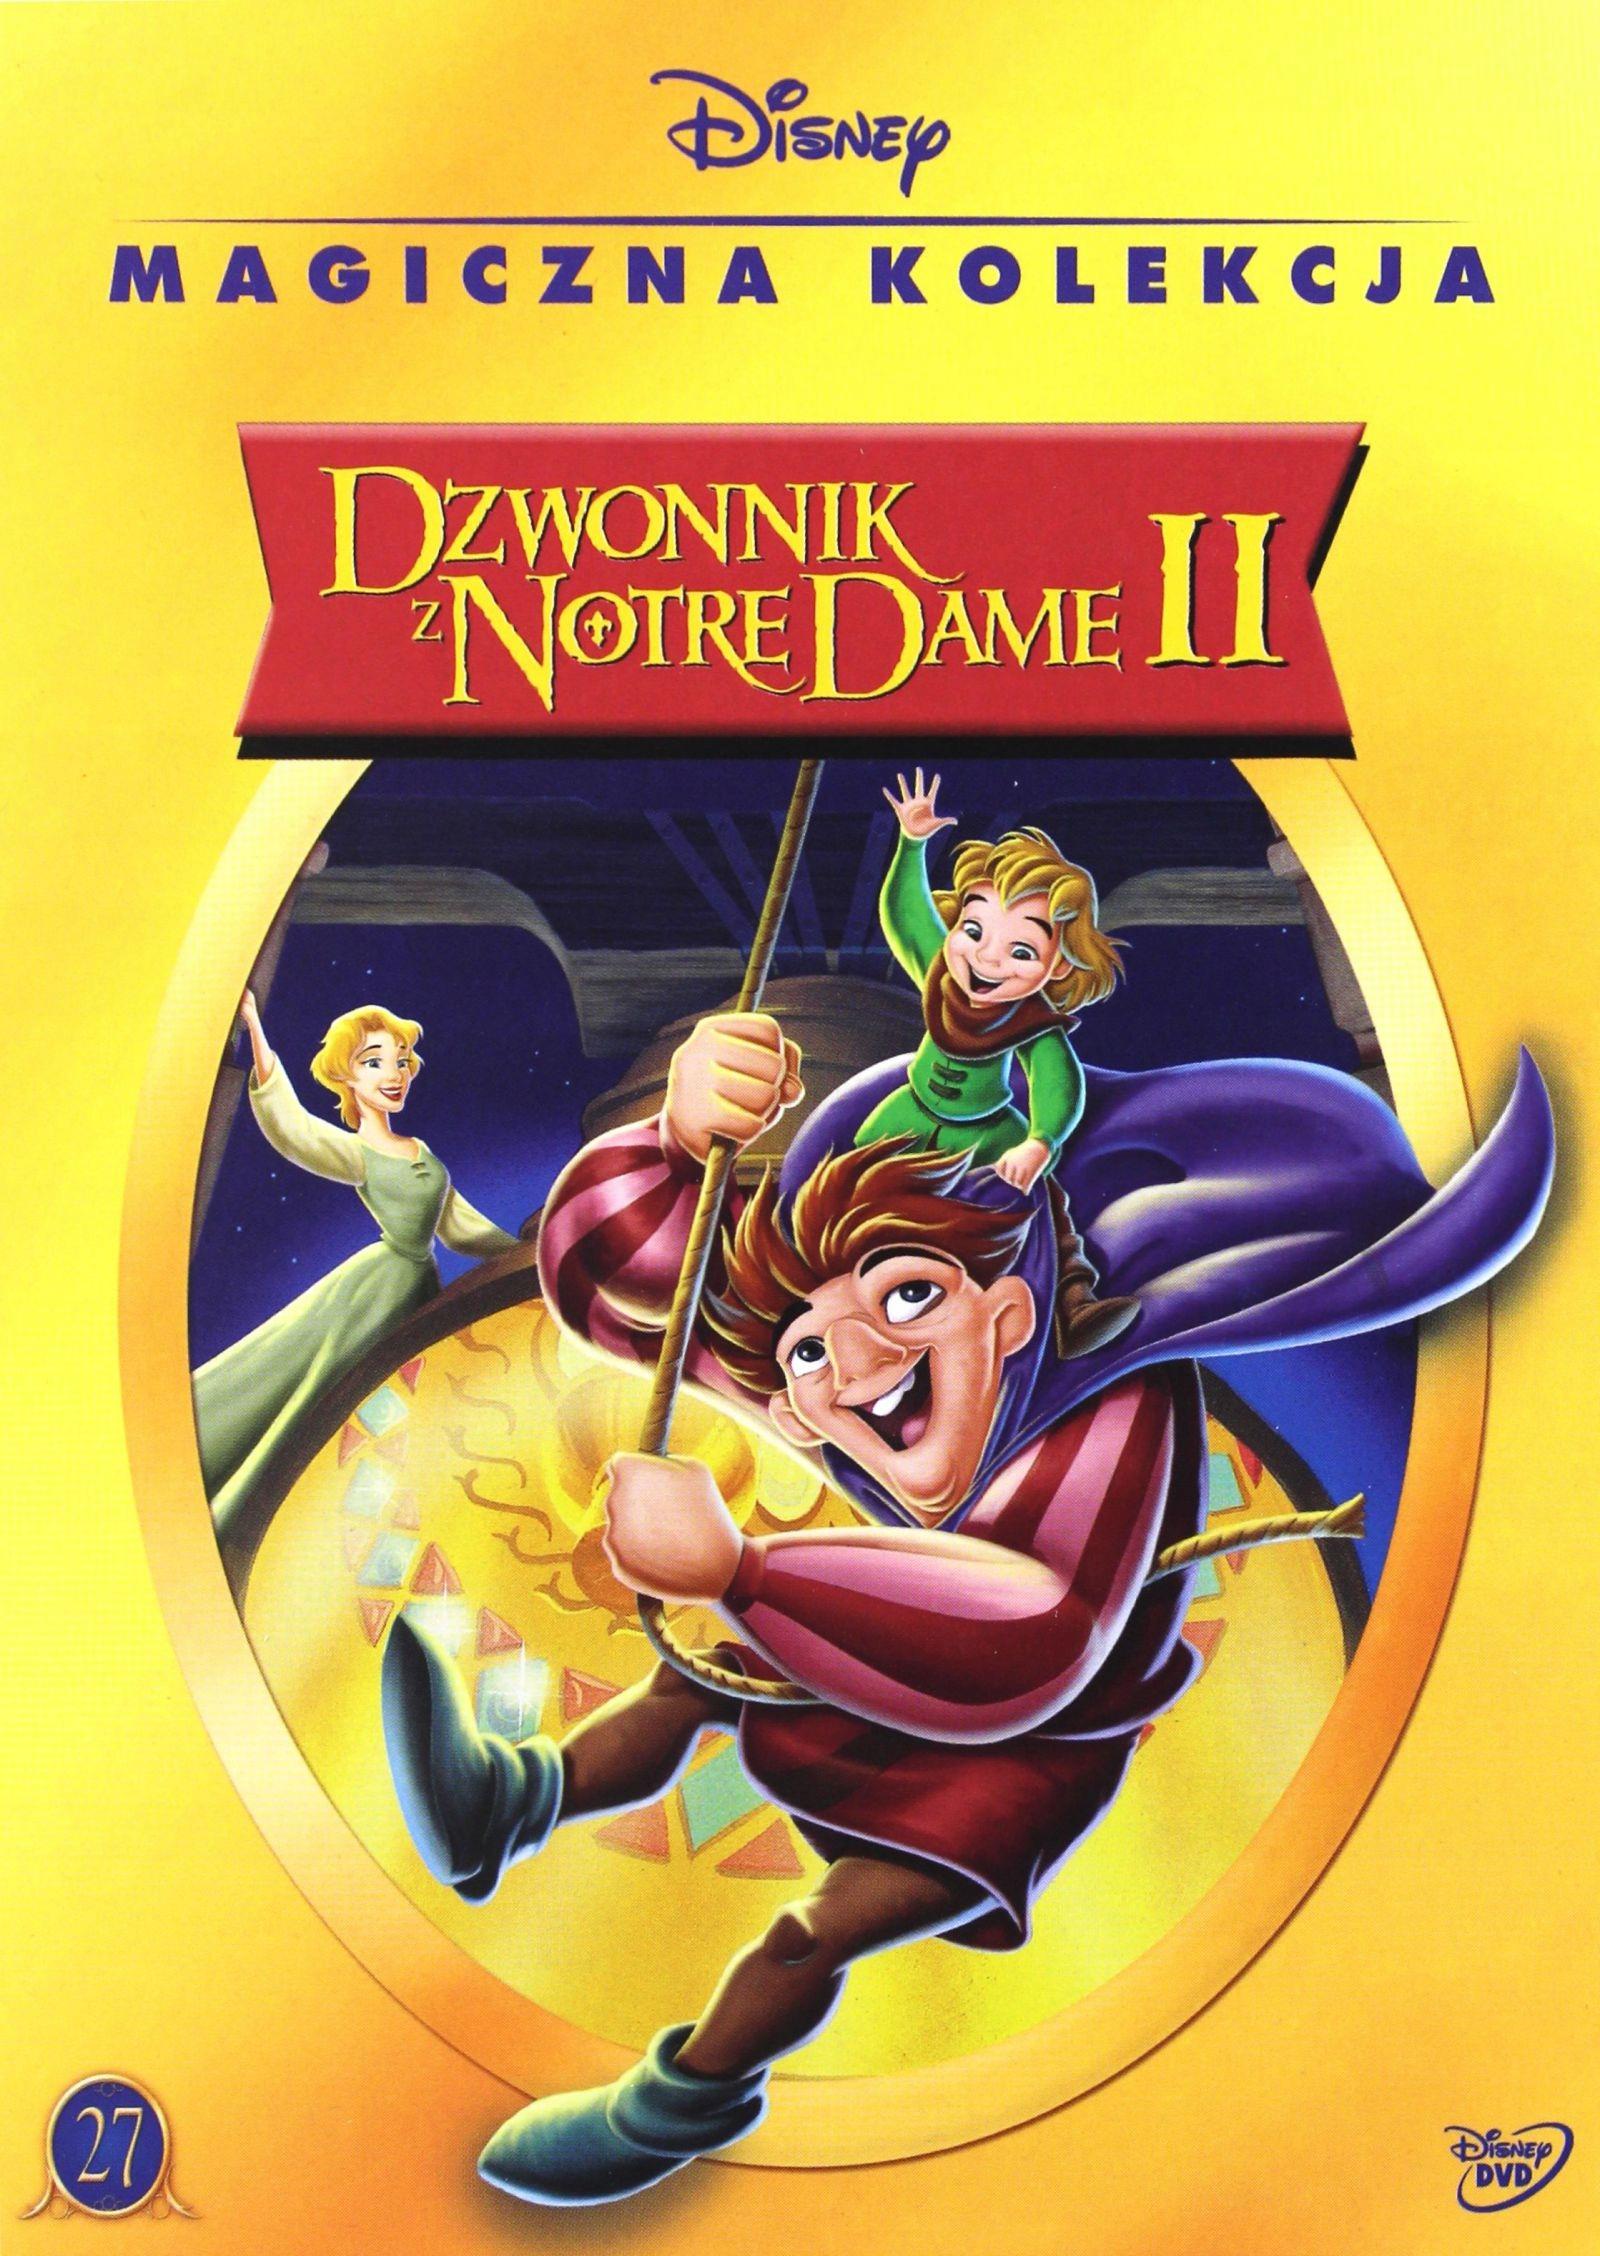 Darmowe filmy erotyczne Disneya